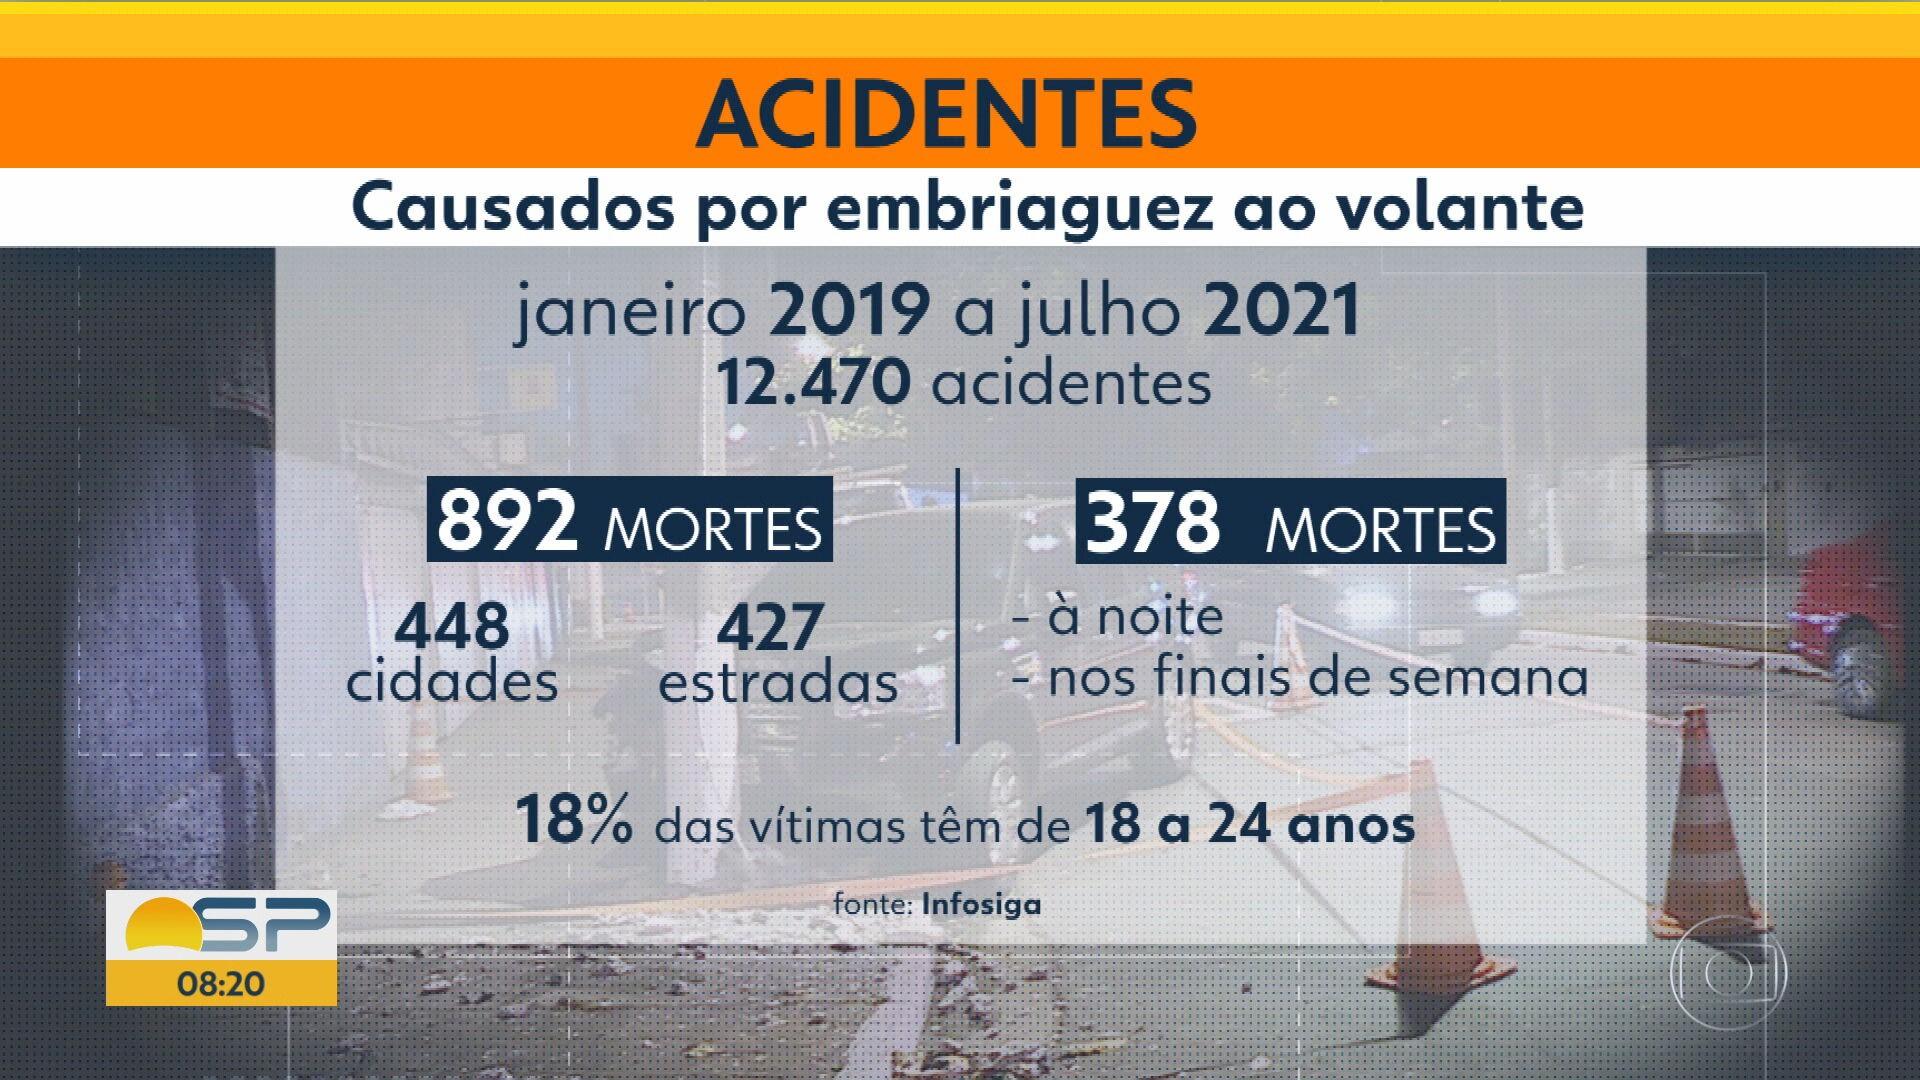 Pesquisa mostra que 42% das mortes no trânsito em SP são causadas por suspeita de embriaguez ao volante